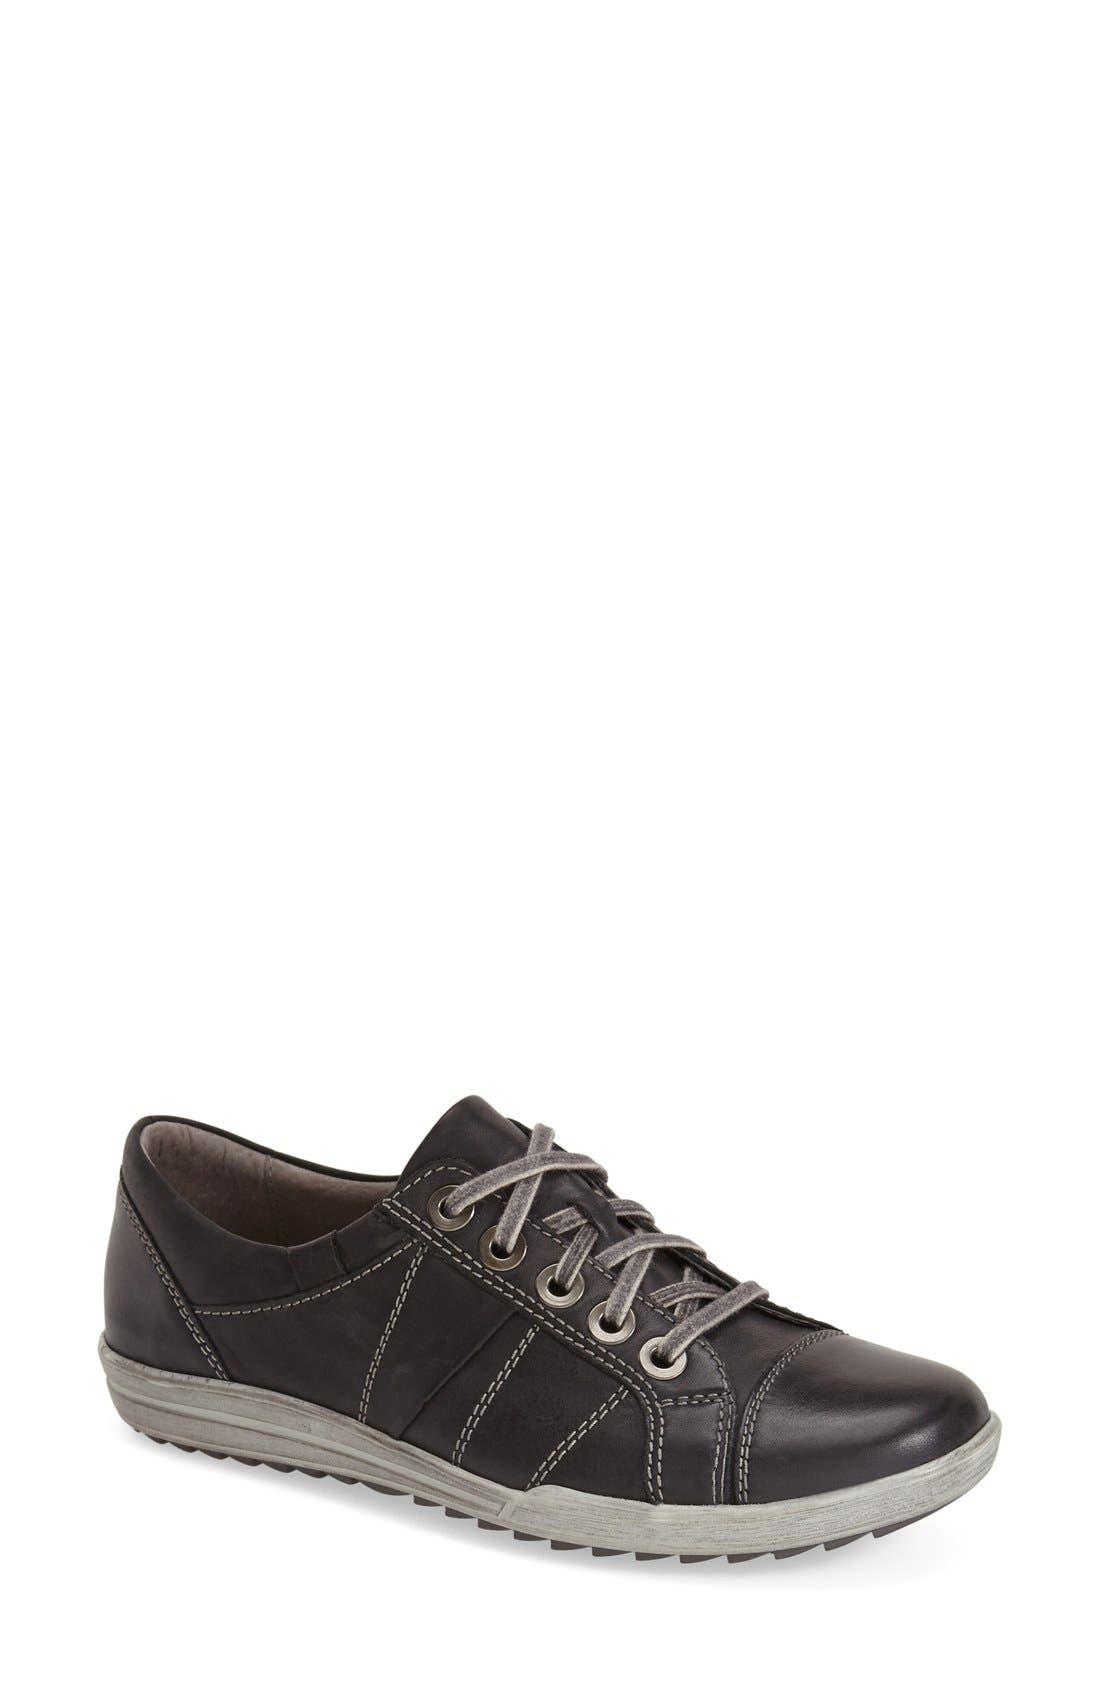 JOSEF SEIBEL Dany 05 Leather Sneaker